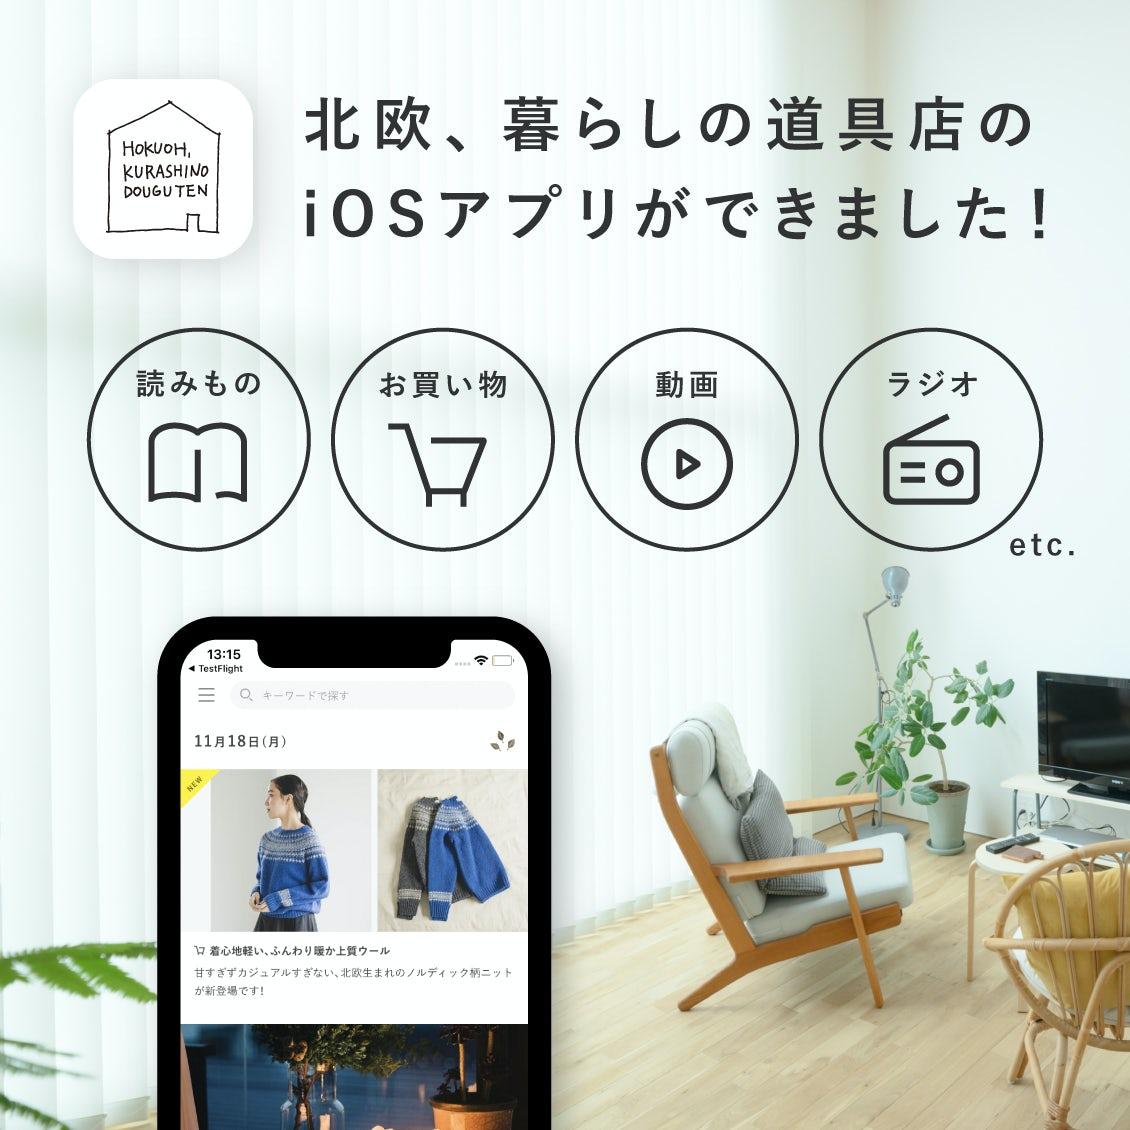 【当店をアプリでも!】待望の「お気に入り機能」や限定コンテンツも登場。iOSアプリができました。